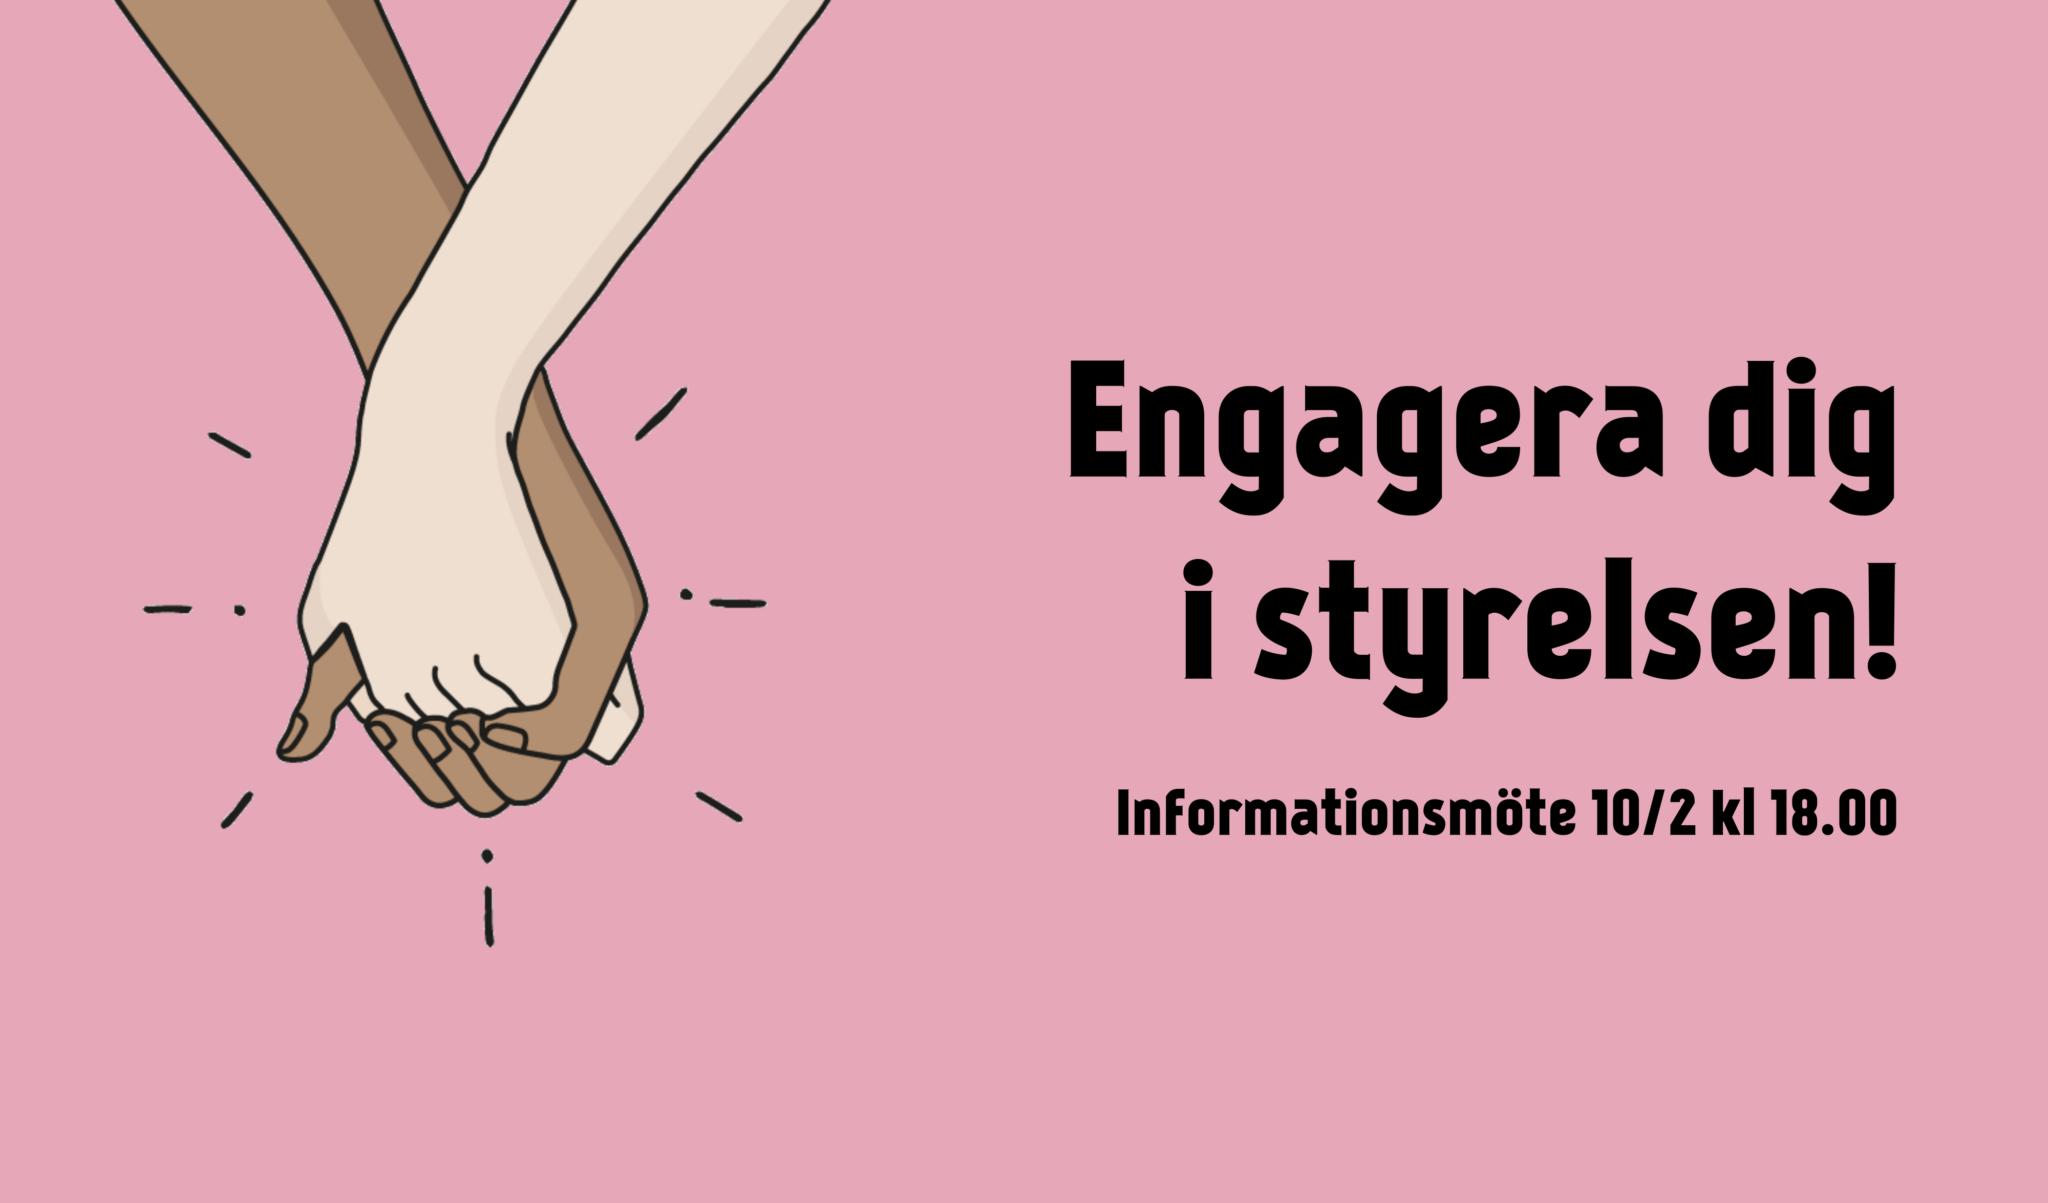 """Texten """"Engagera dig i styrelsen! Informationsmöte 10/2 kl 18.00"""". Illustration av två händer med olika hudfärg som håller i varandra. Gammelrosa bakgrund."""